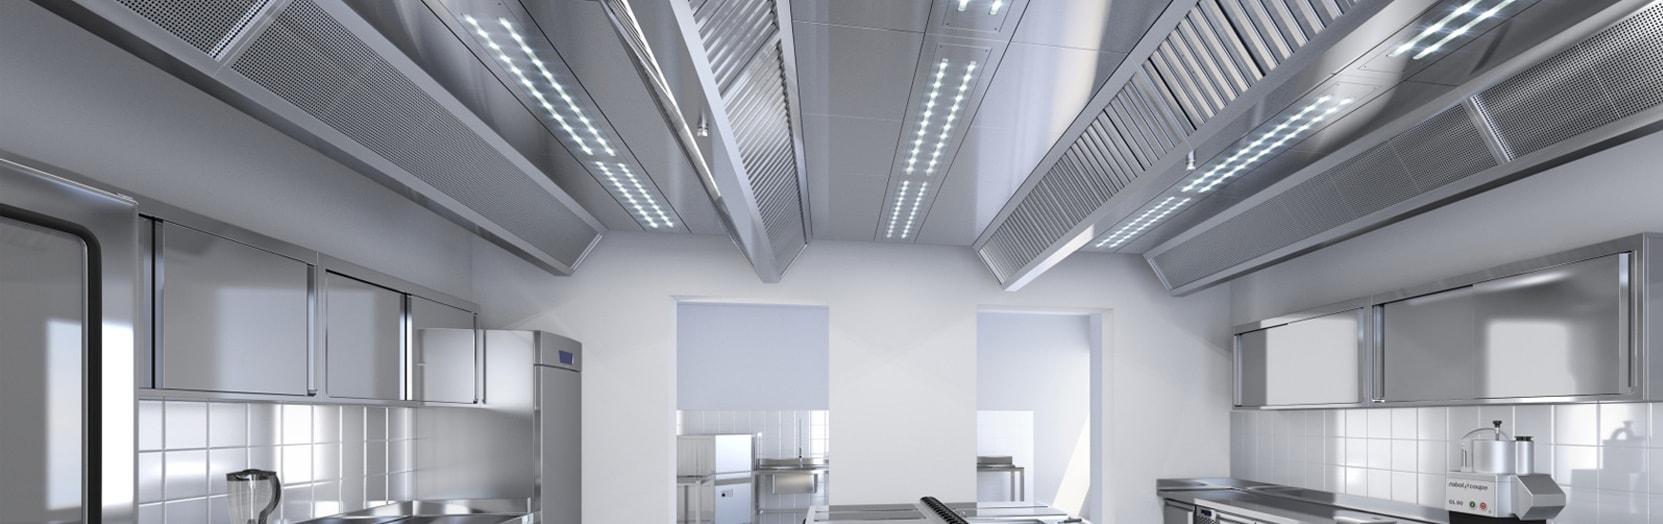 Профессиональная установка вентиляционных систем кухни